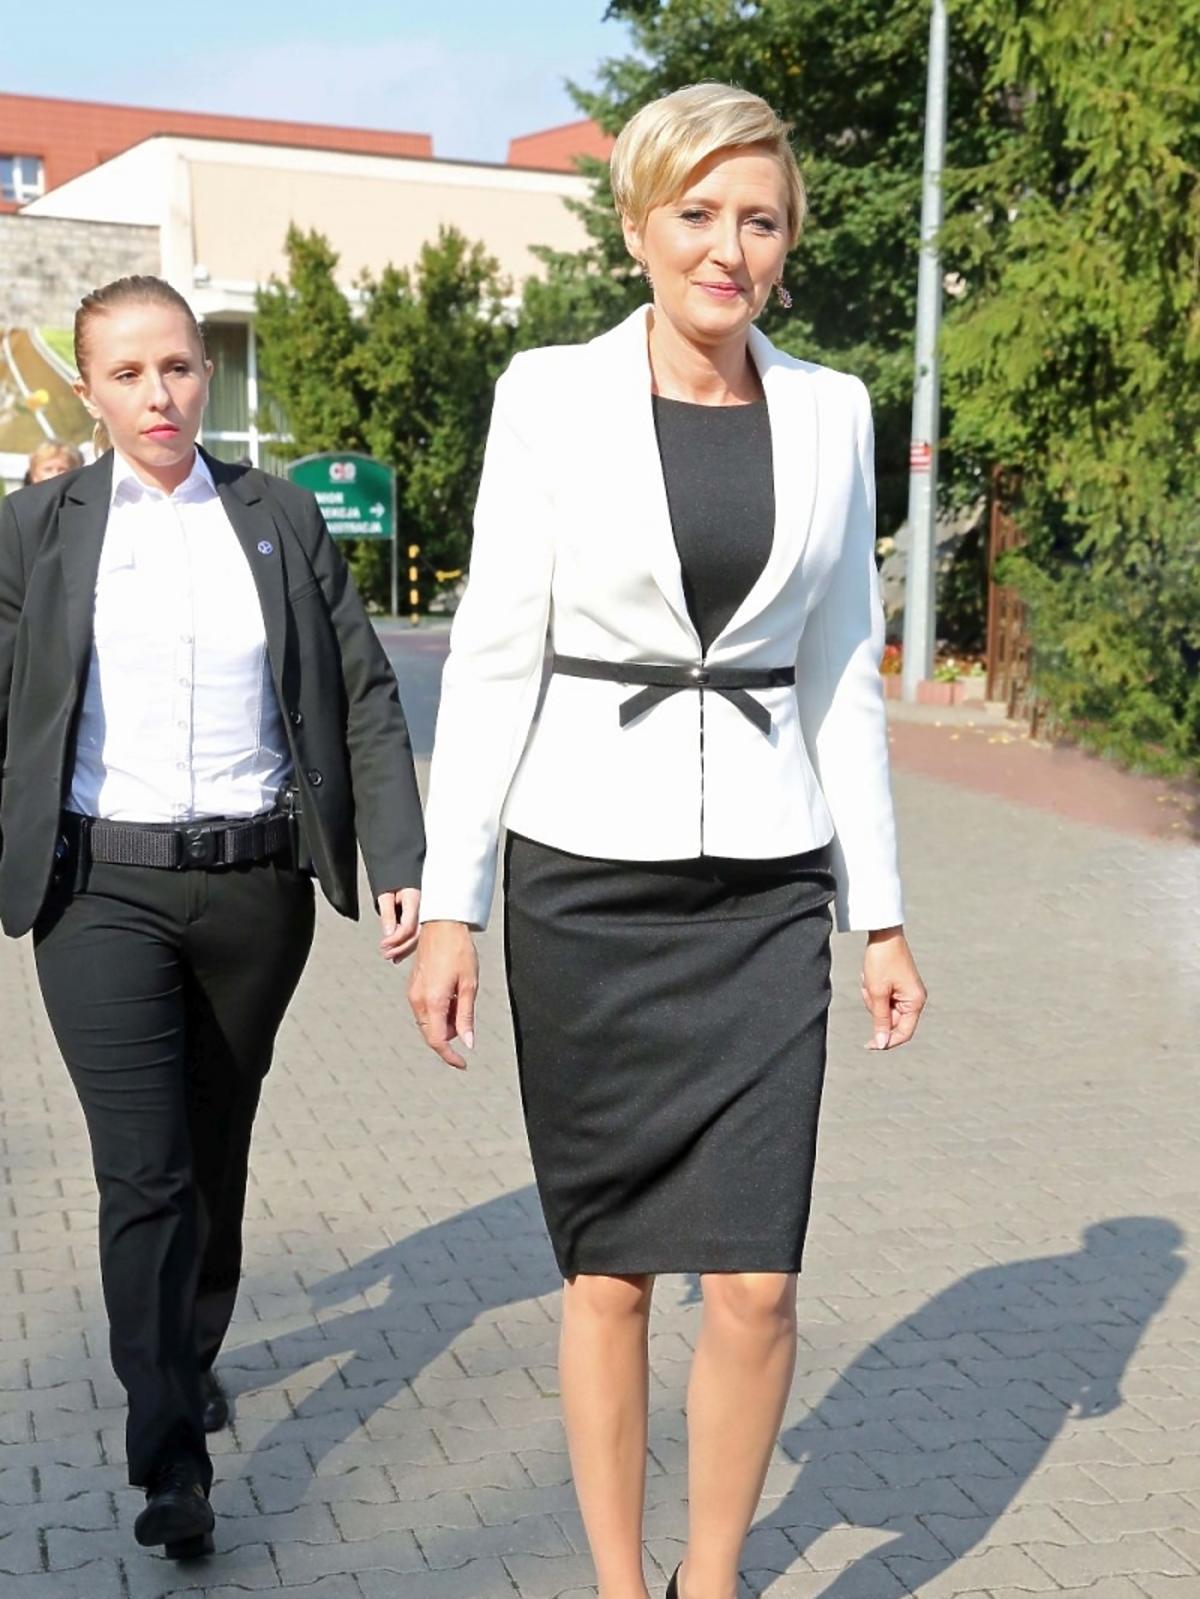 Dożynki Prezydenckie w Spale: Agata Duda w garsonce